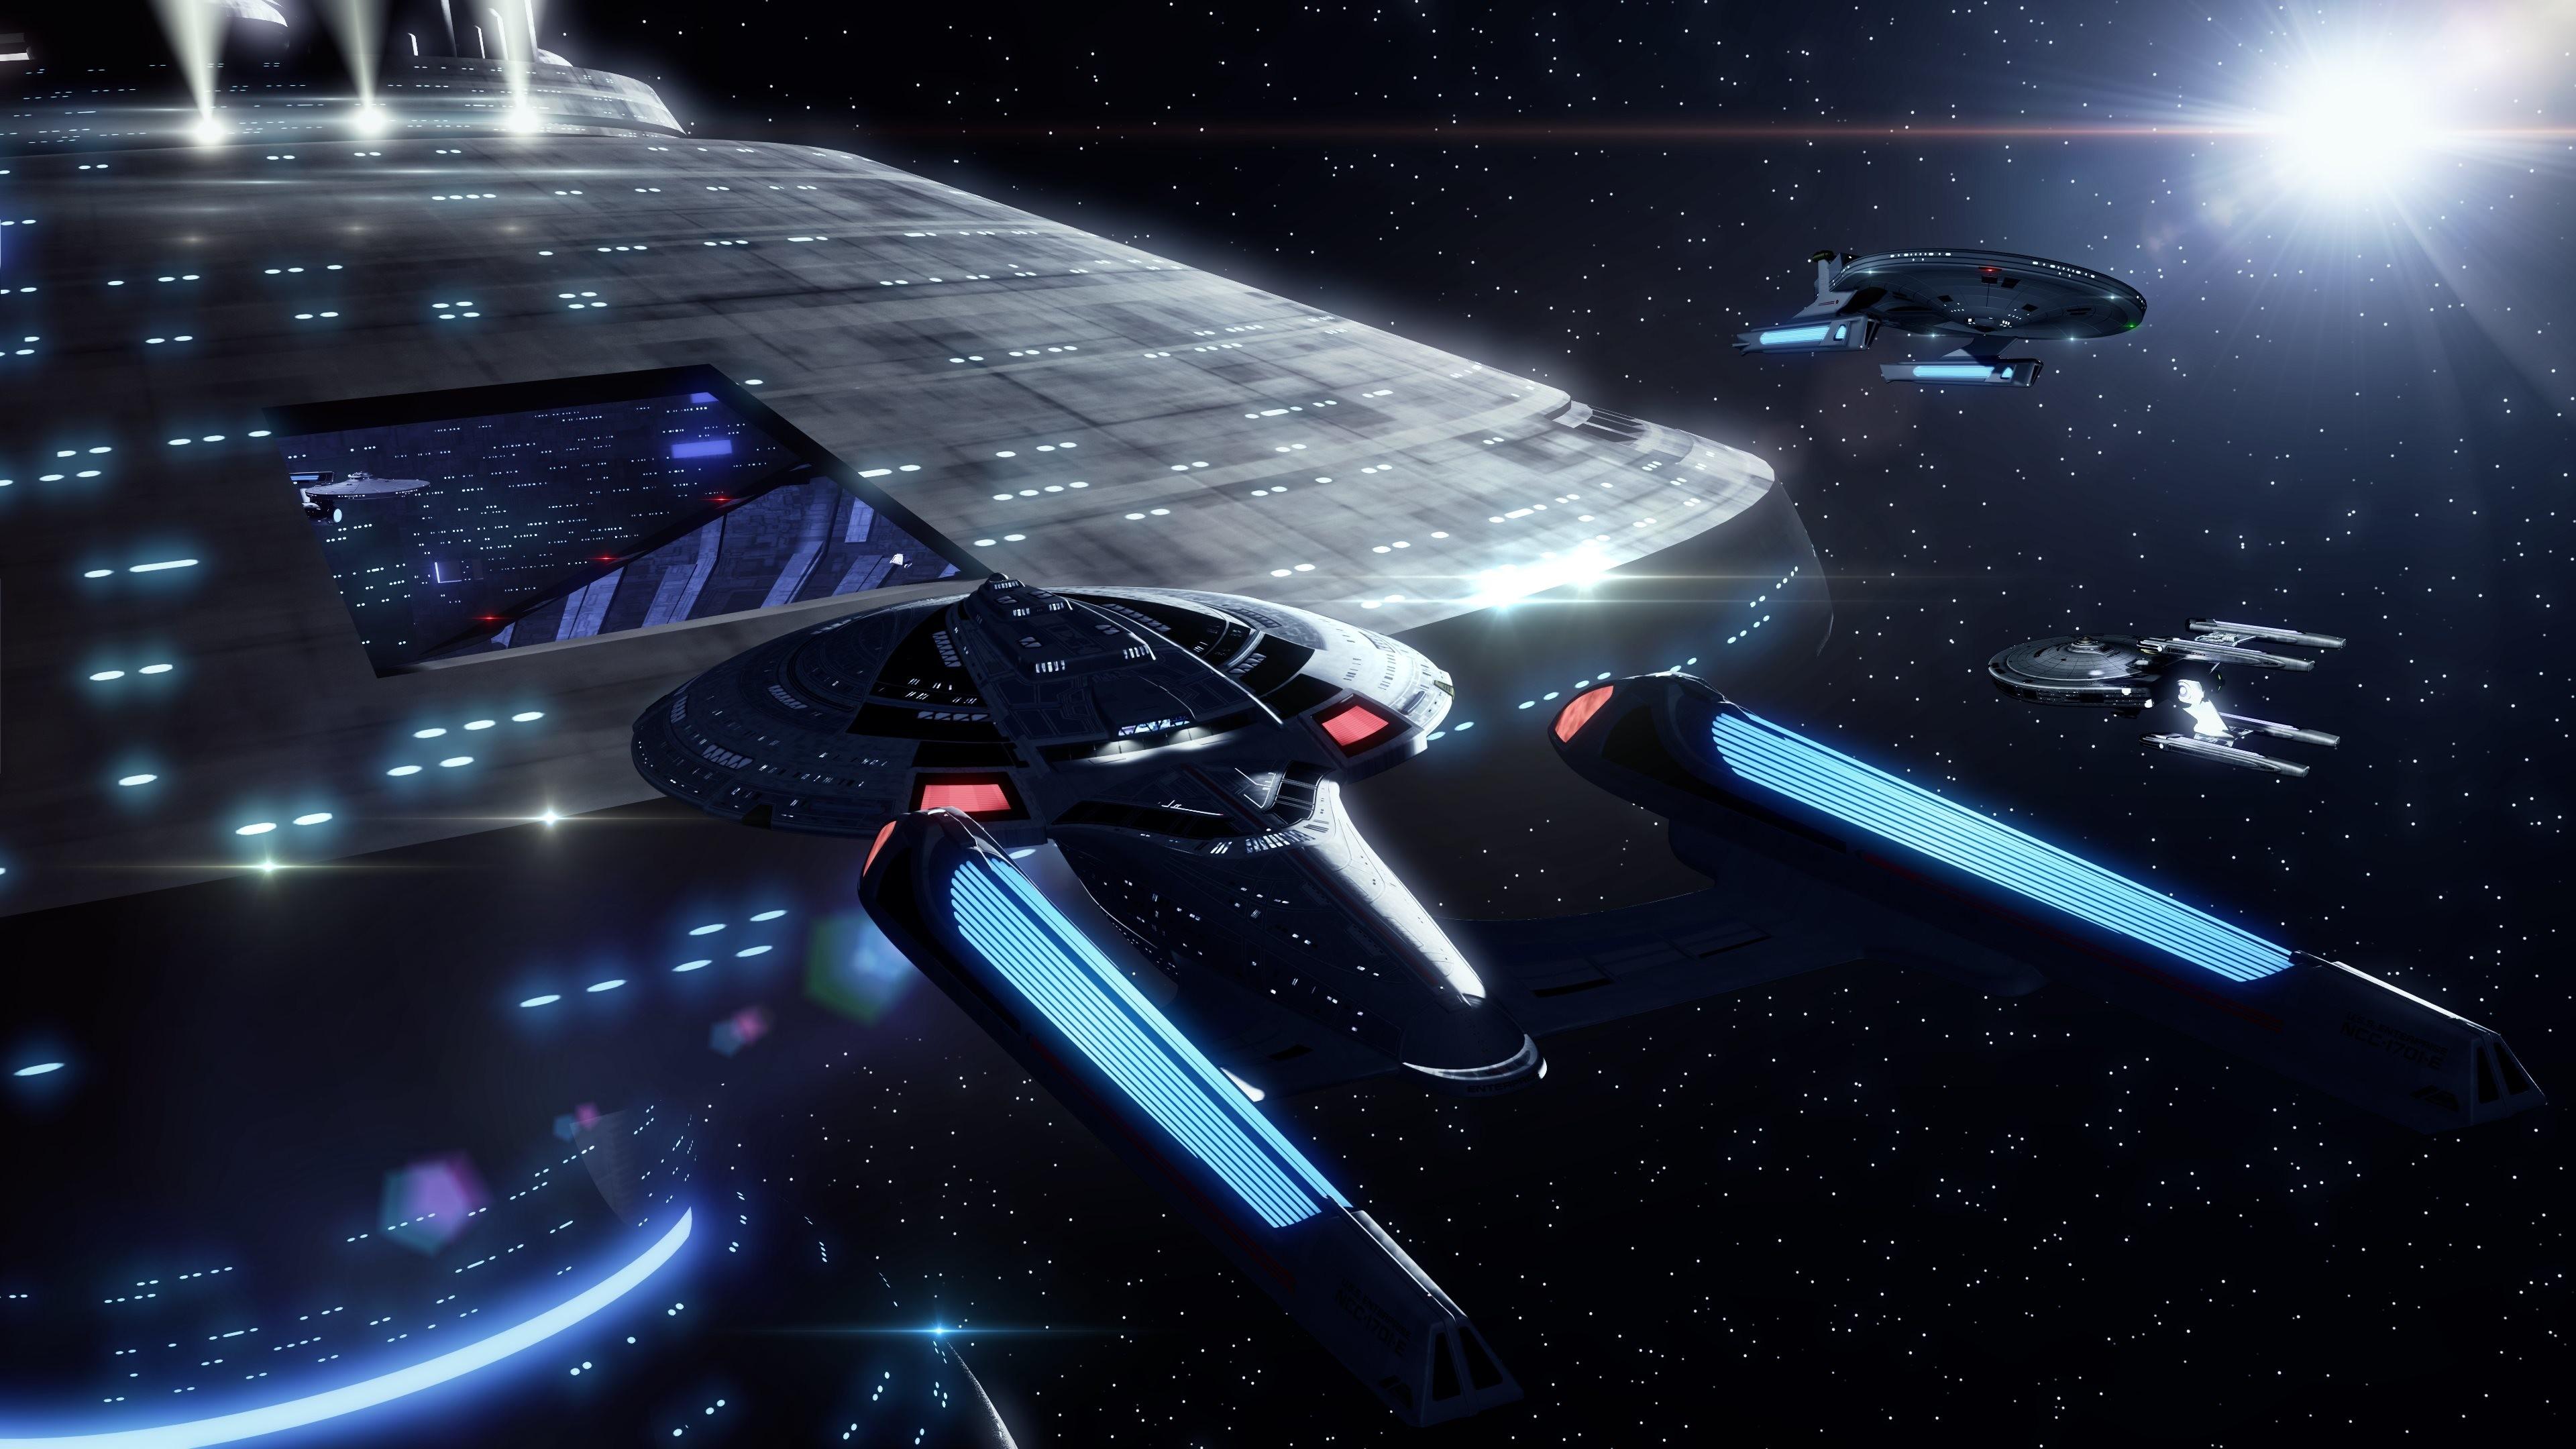 4K HD Wallpaper: Sovereign – Starbase